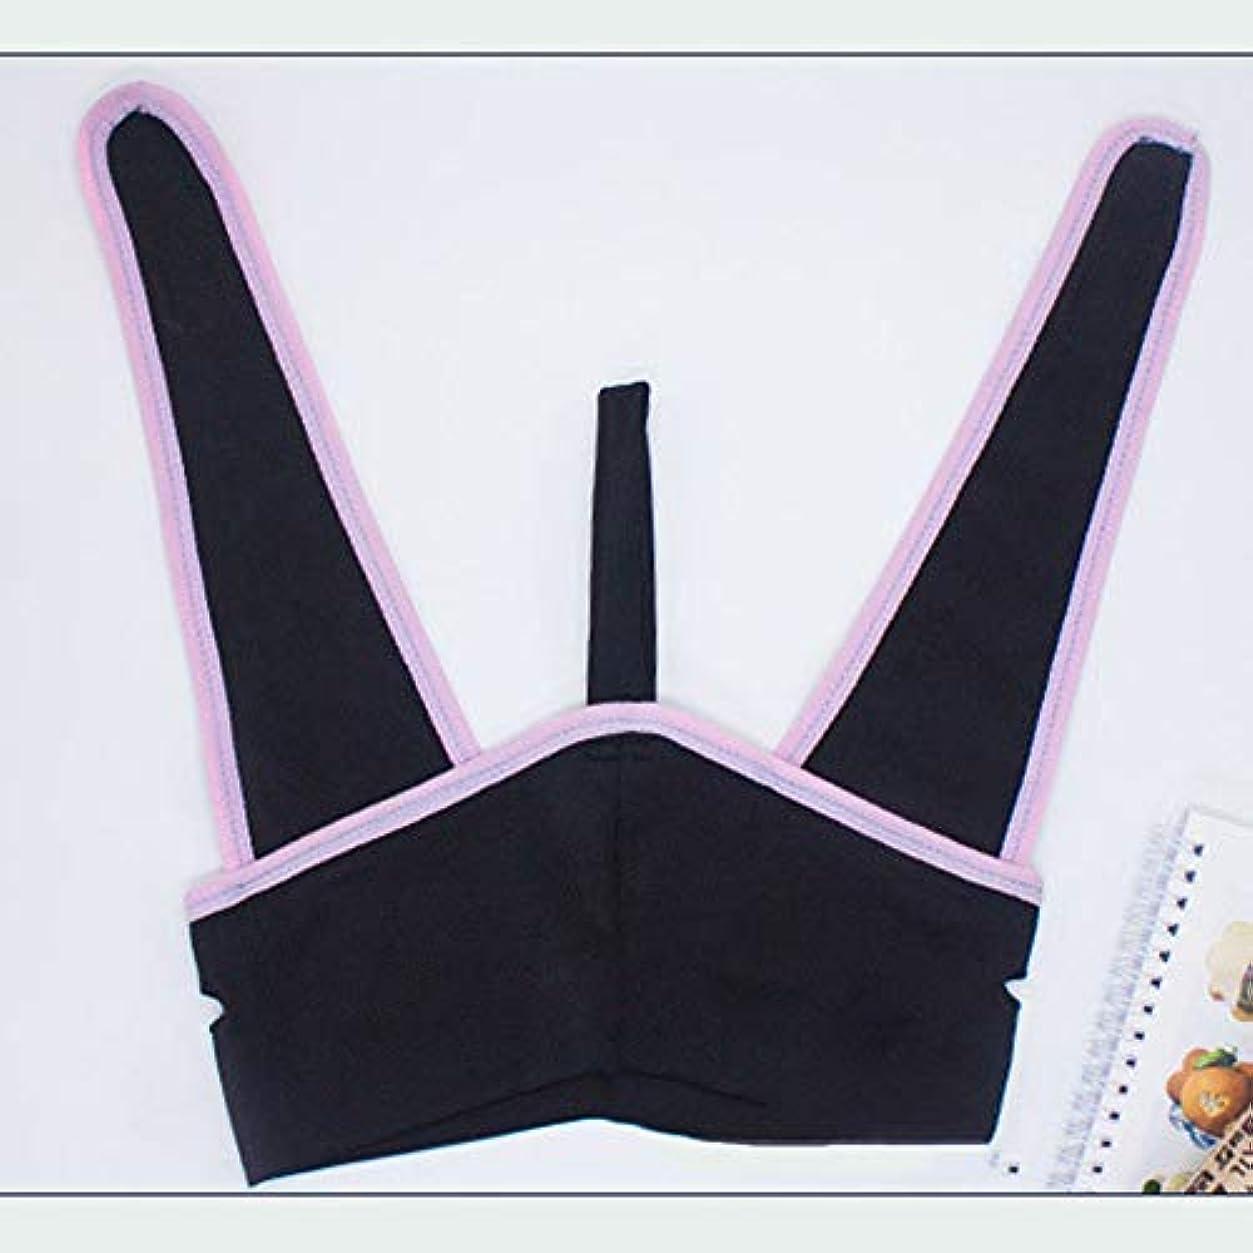 極貧防ぐ旅フェイスリフティング包帯、フェイスリフティングマスク/フェイスリフティングマスク/マスク包帯リフティング引き締めフェイスリフト二重あご女性抗脂肪,L